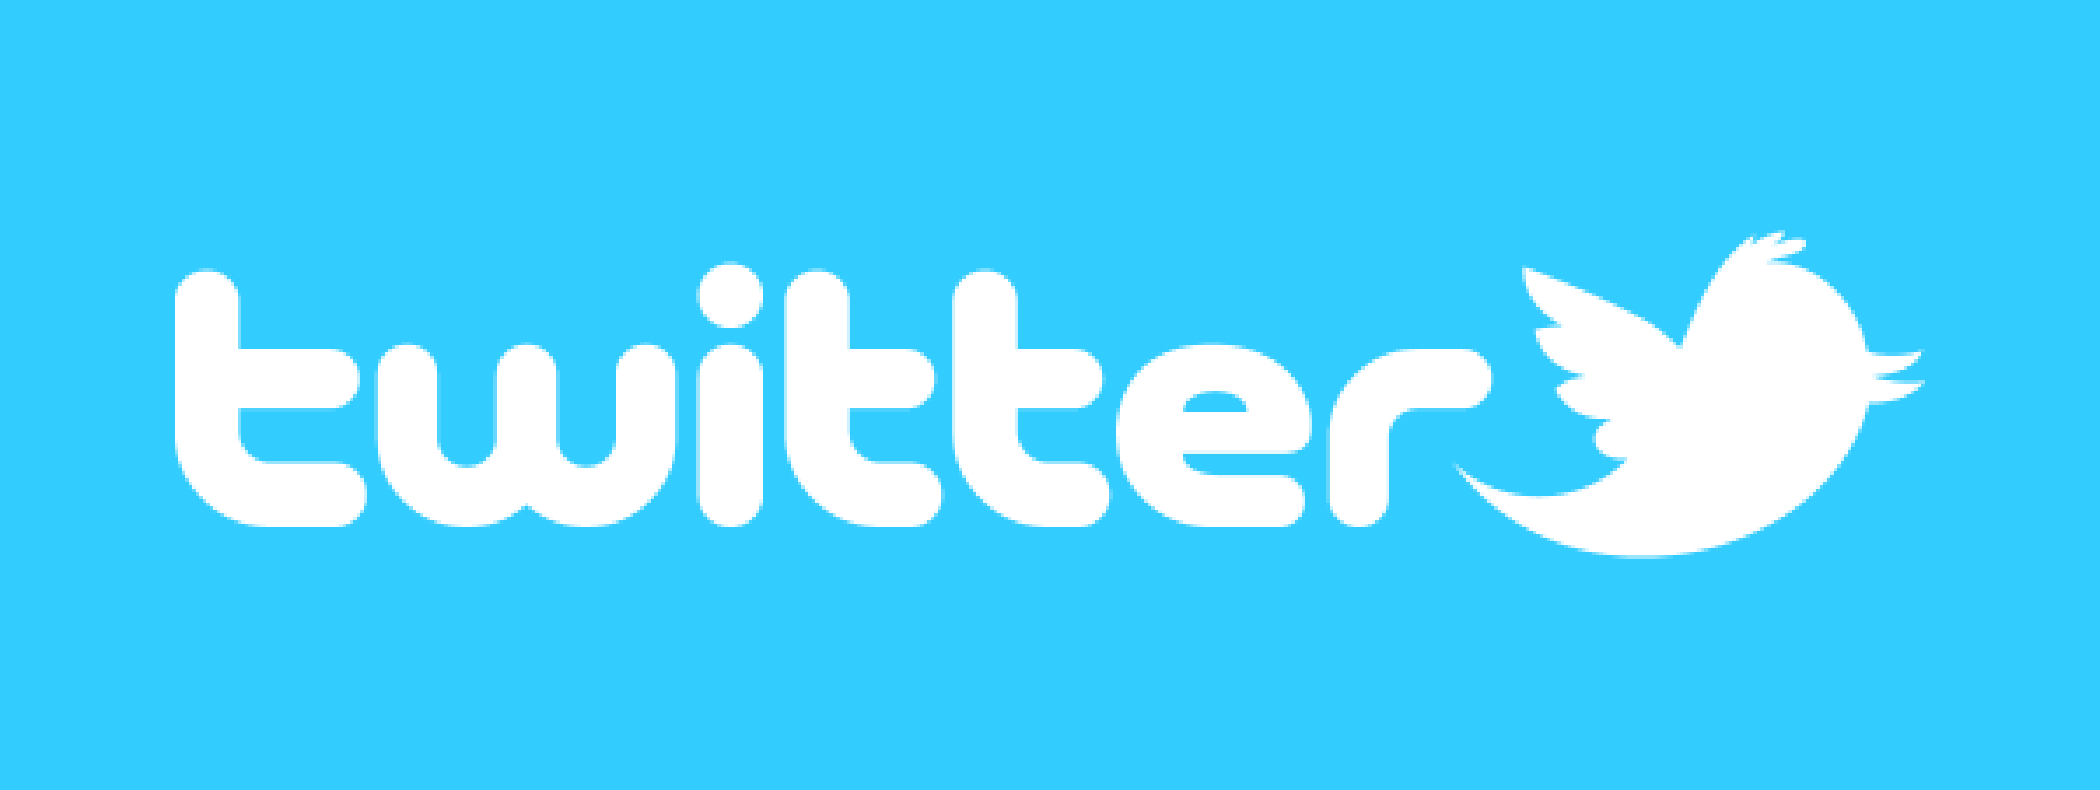 Twitter Unfollow Tool